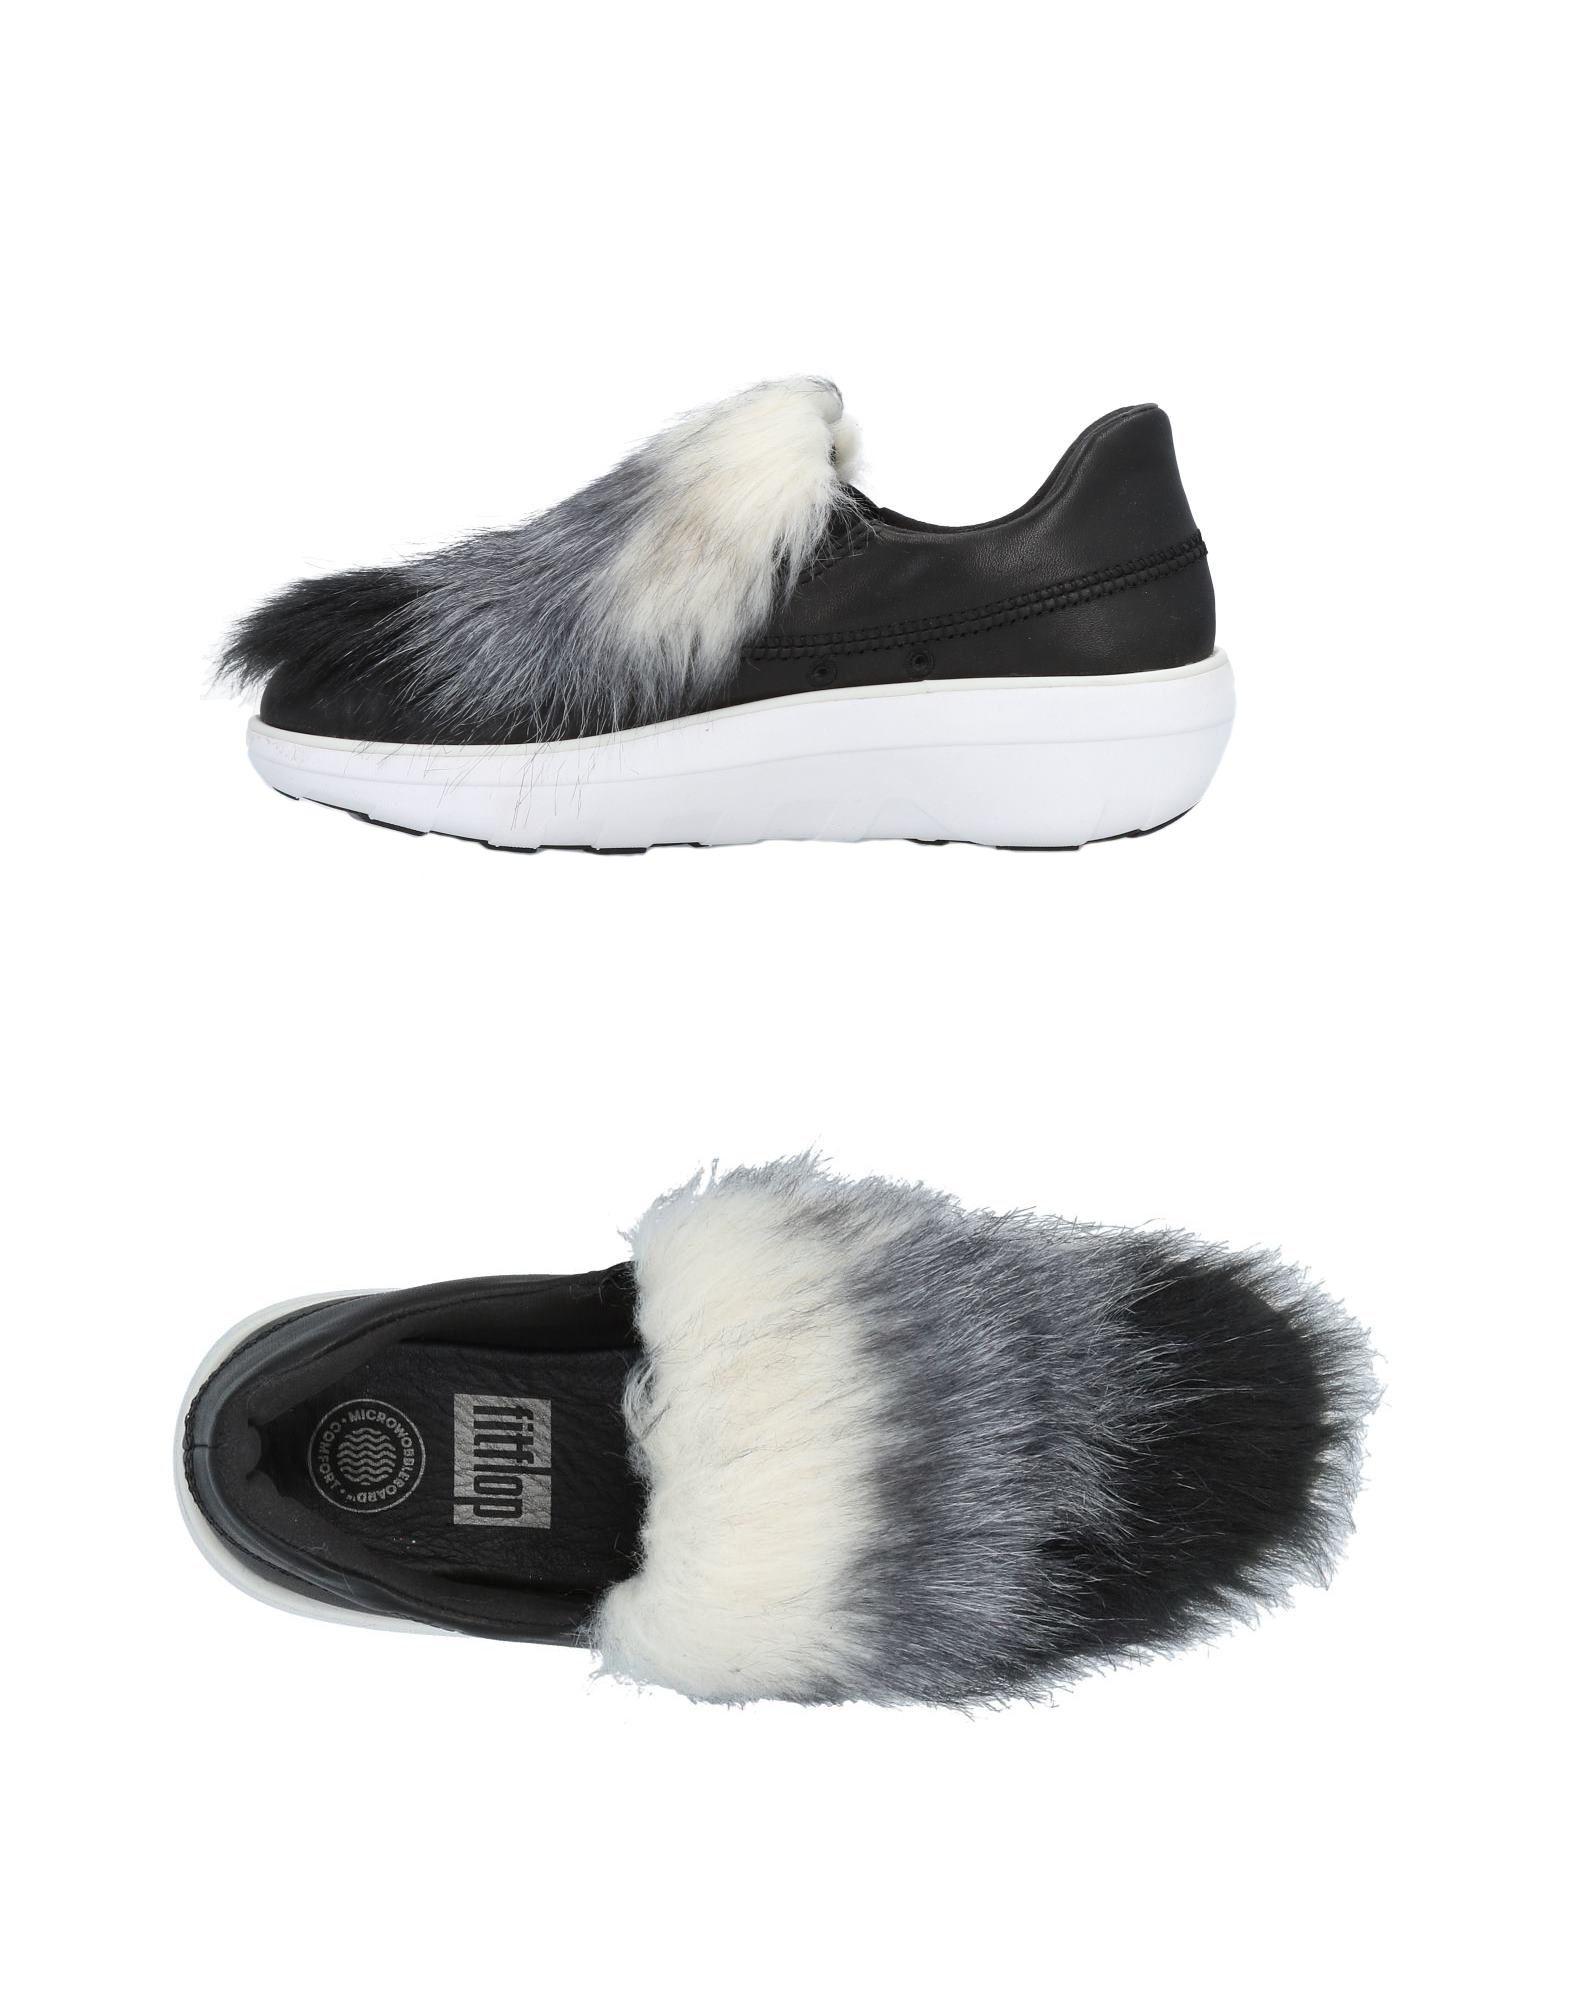 Fitflop Sneakers Damen  11471784AJ Gute Schuhe Qualität beliebte Schuhe Gute 33c6a6